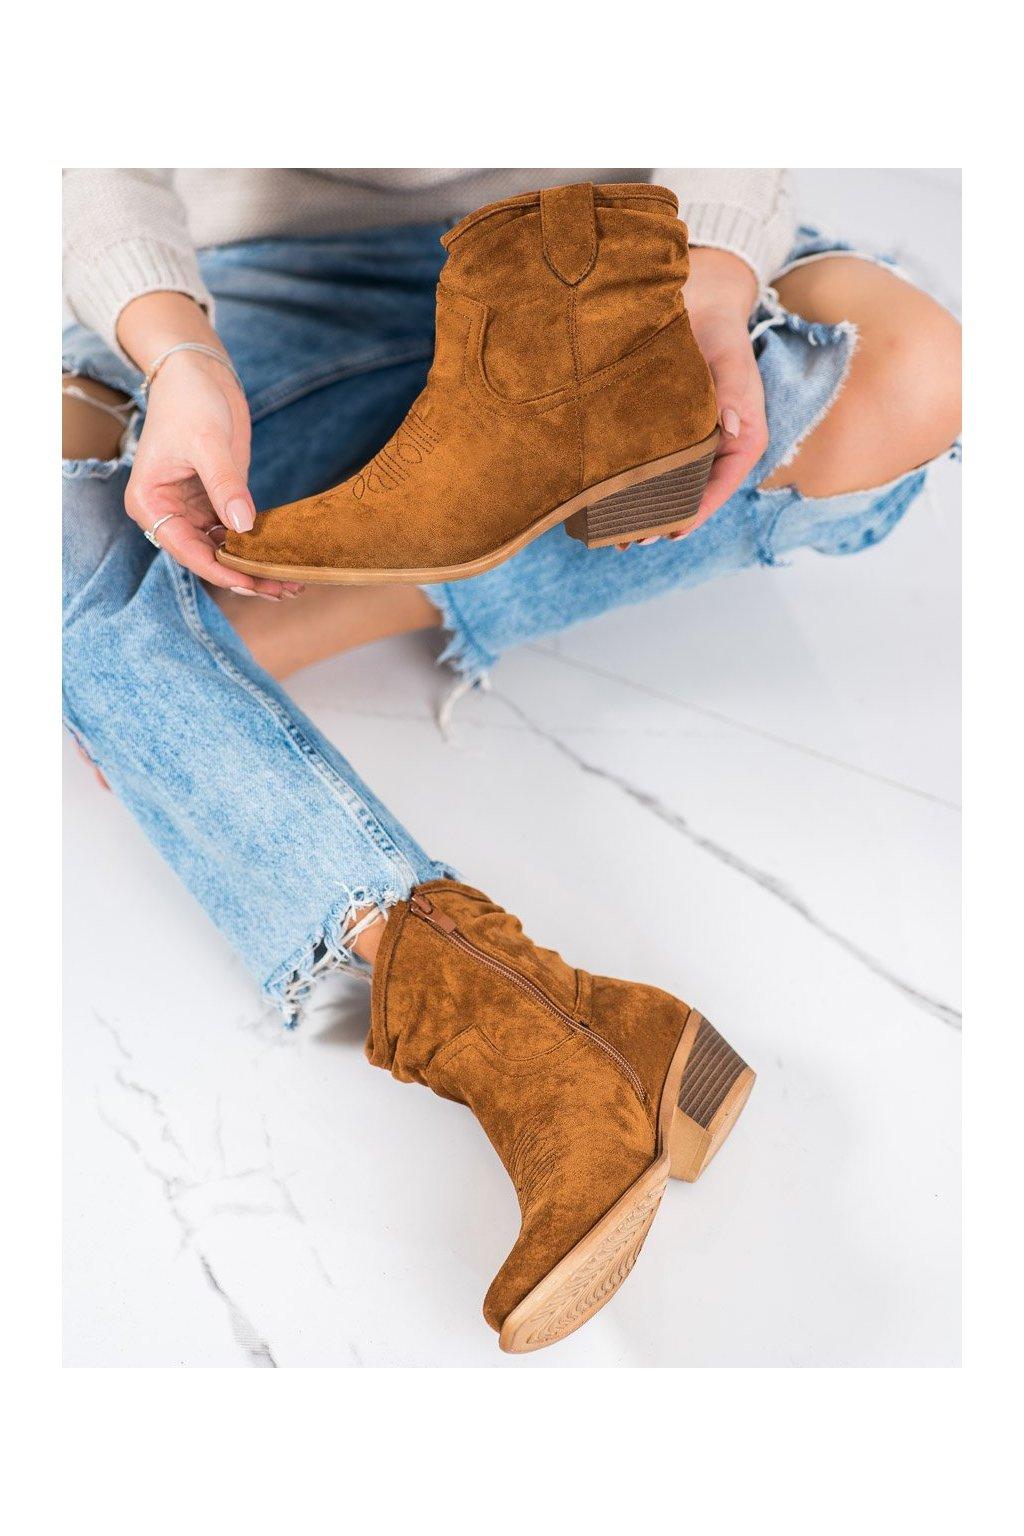 Hnedé dámske topánky Cm paris kod 99-65C/C